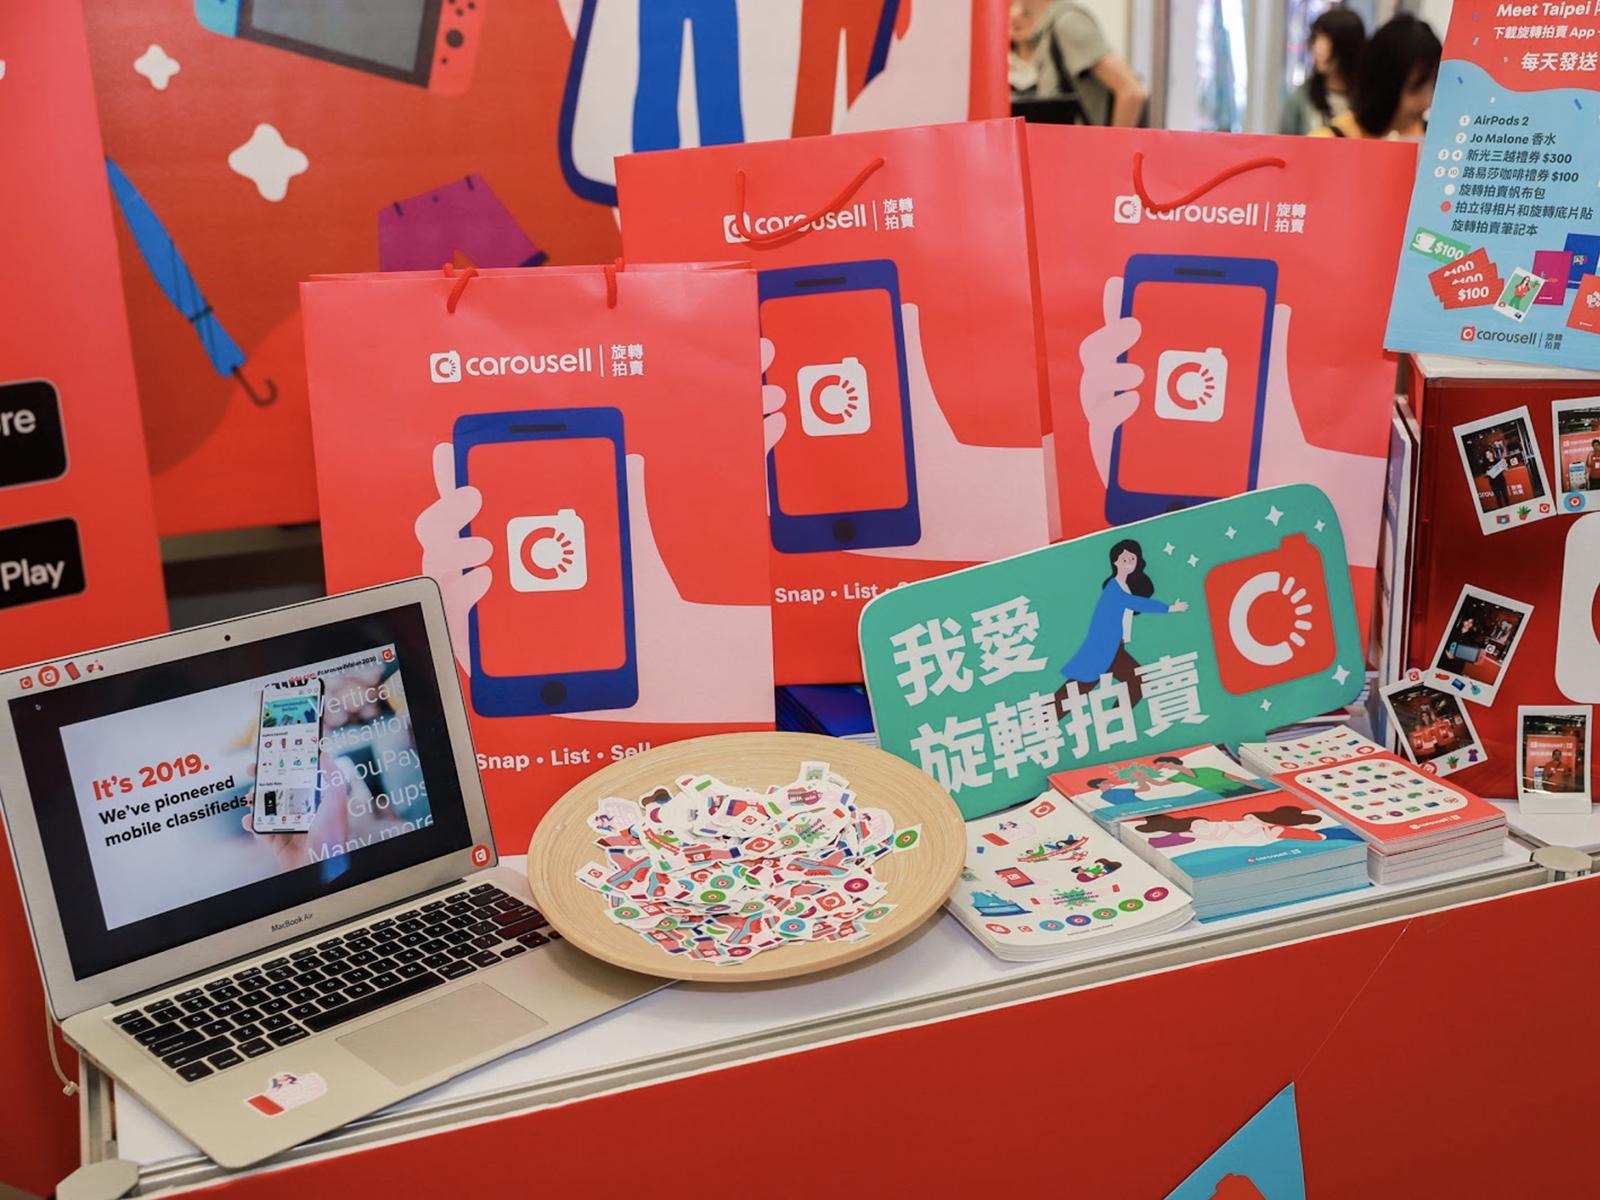 旋轉拍賣 Meet Taipei